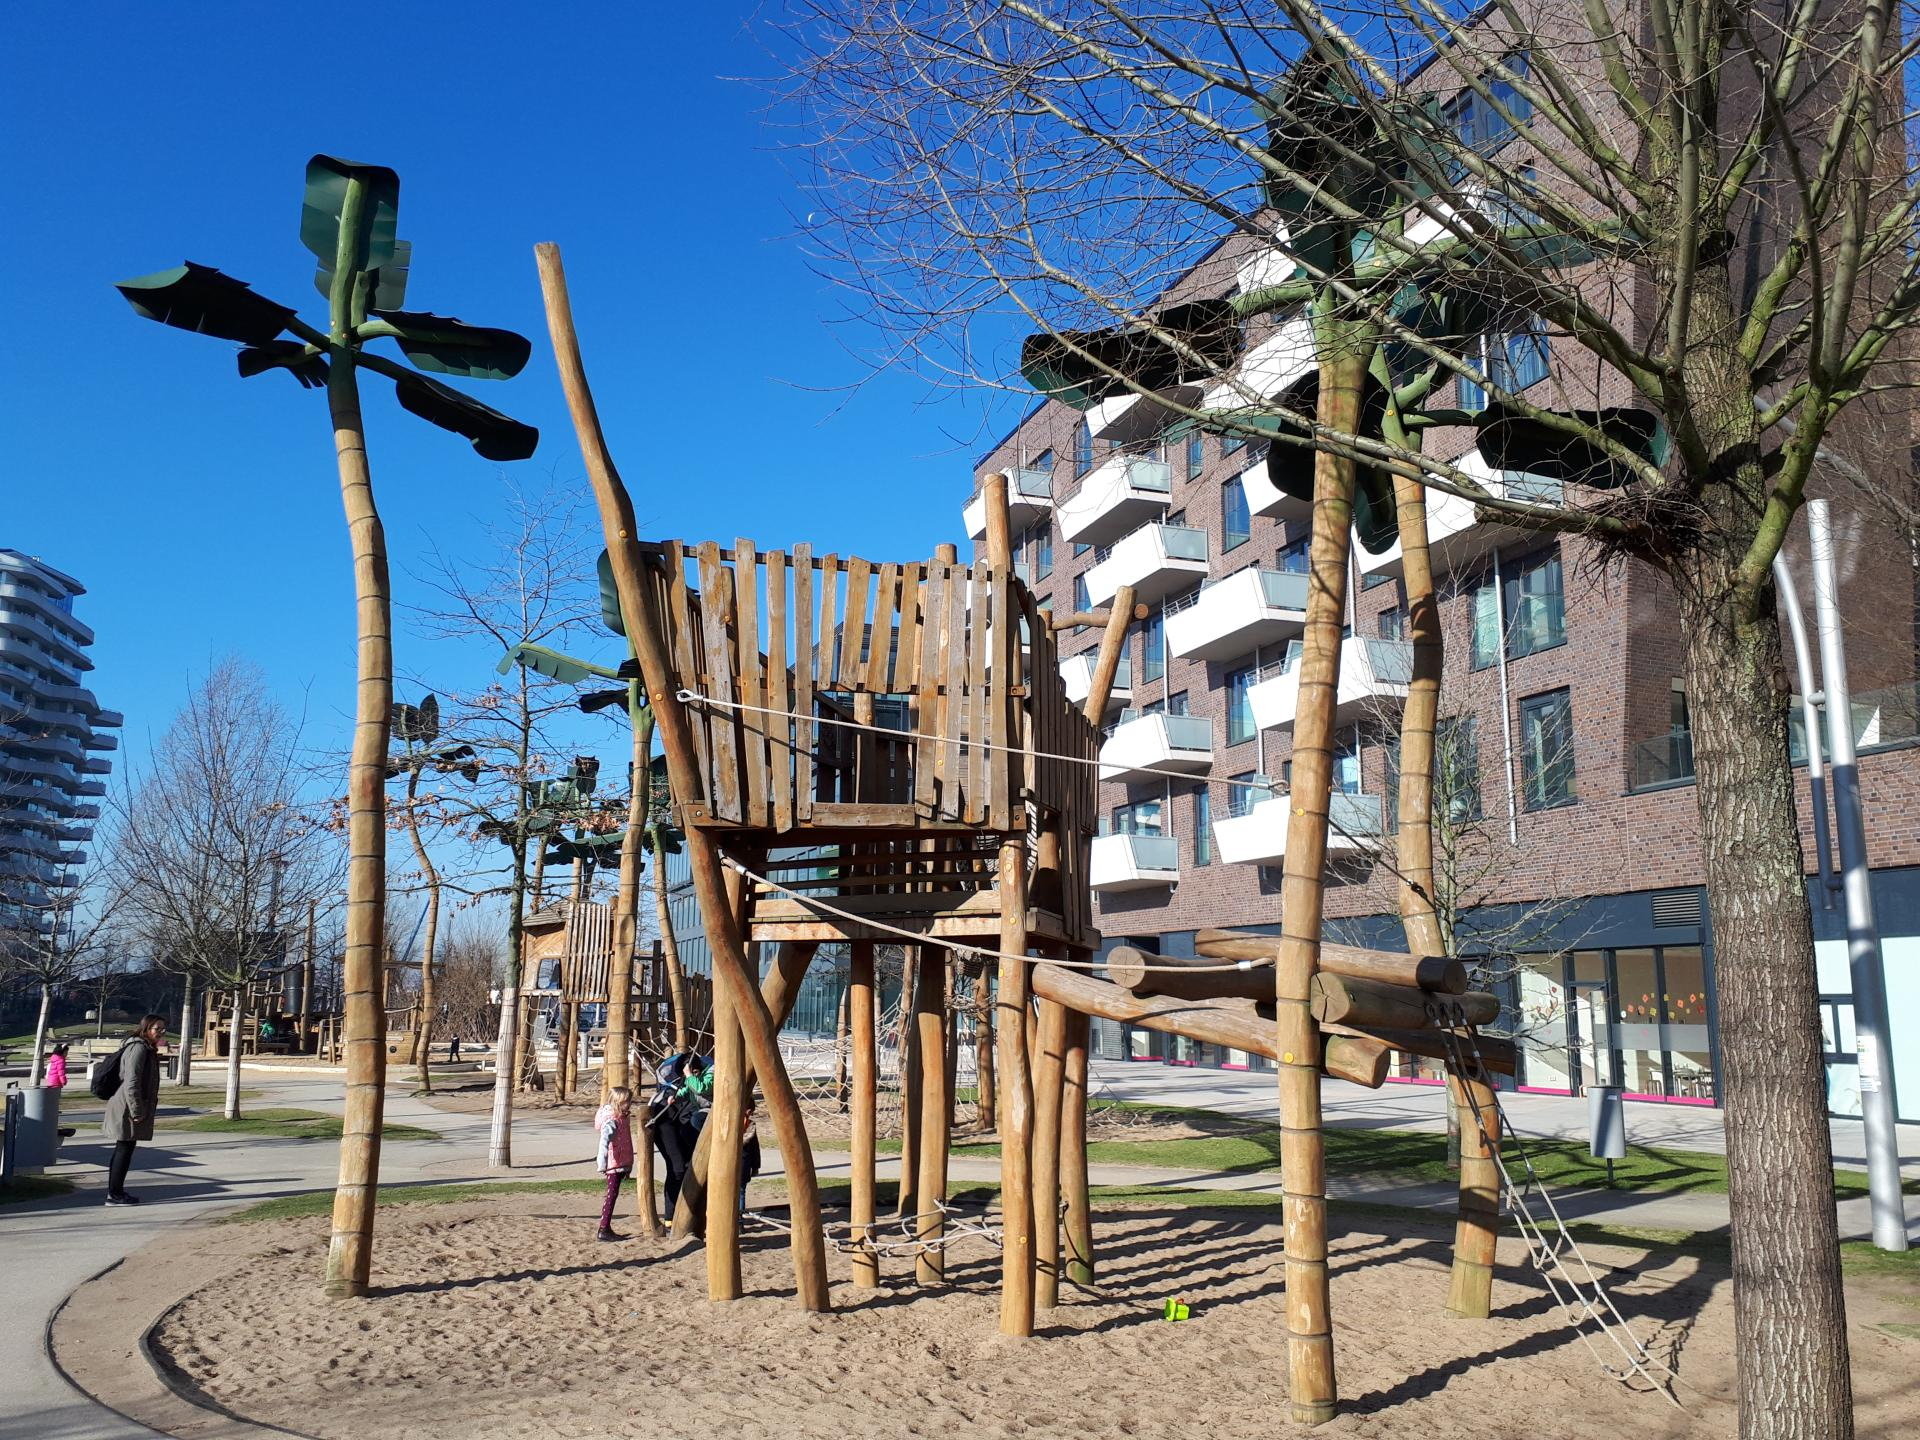 Klettergerüst Metall Spielplatz : Spielplatz grasbrookpark kinder tipps hamburg rabaukenkompass